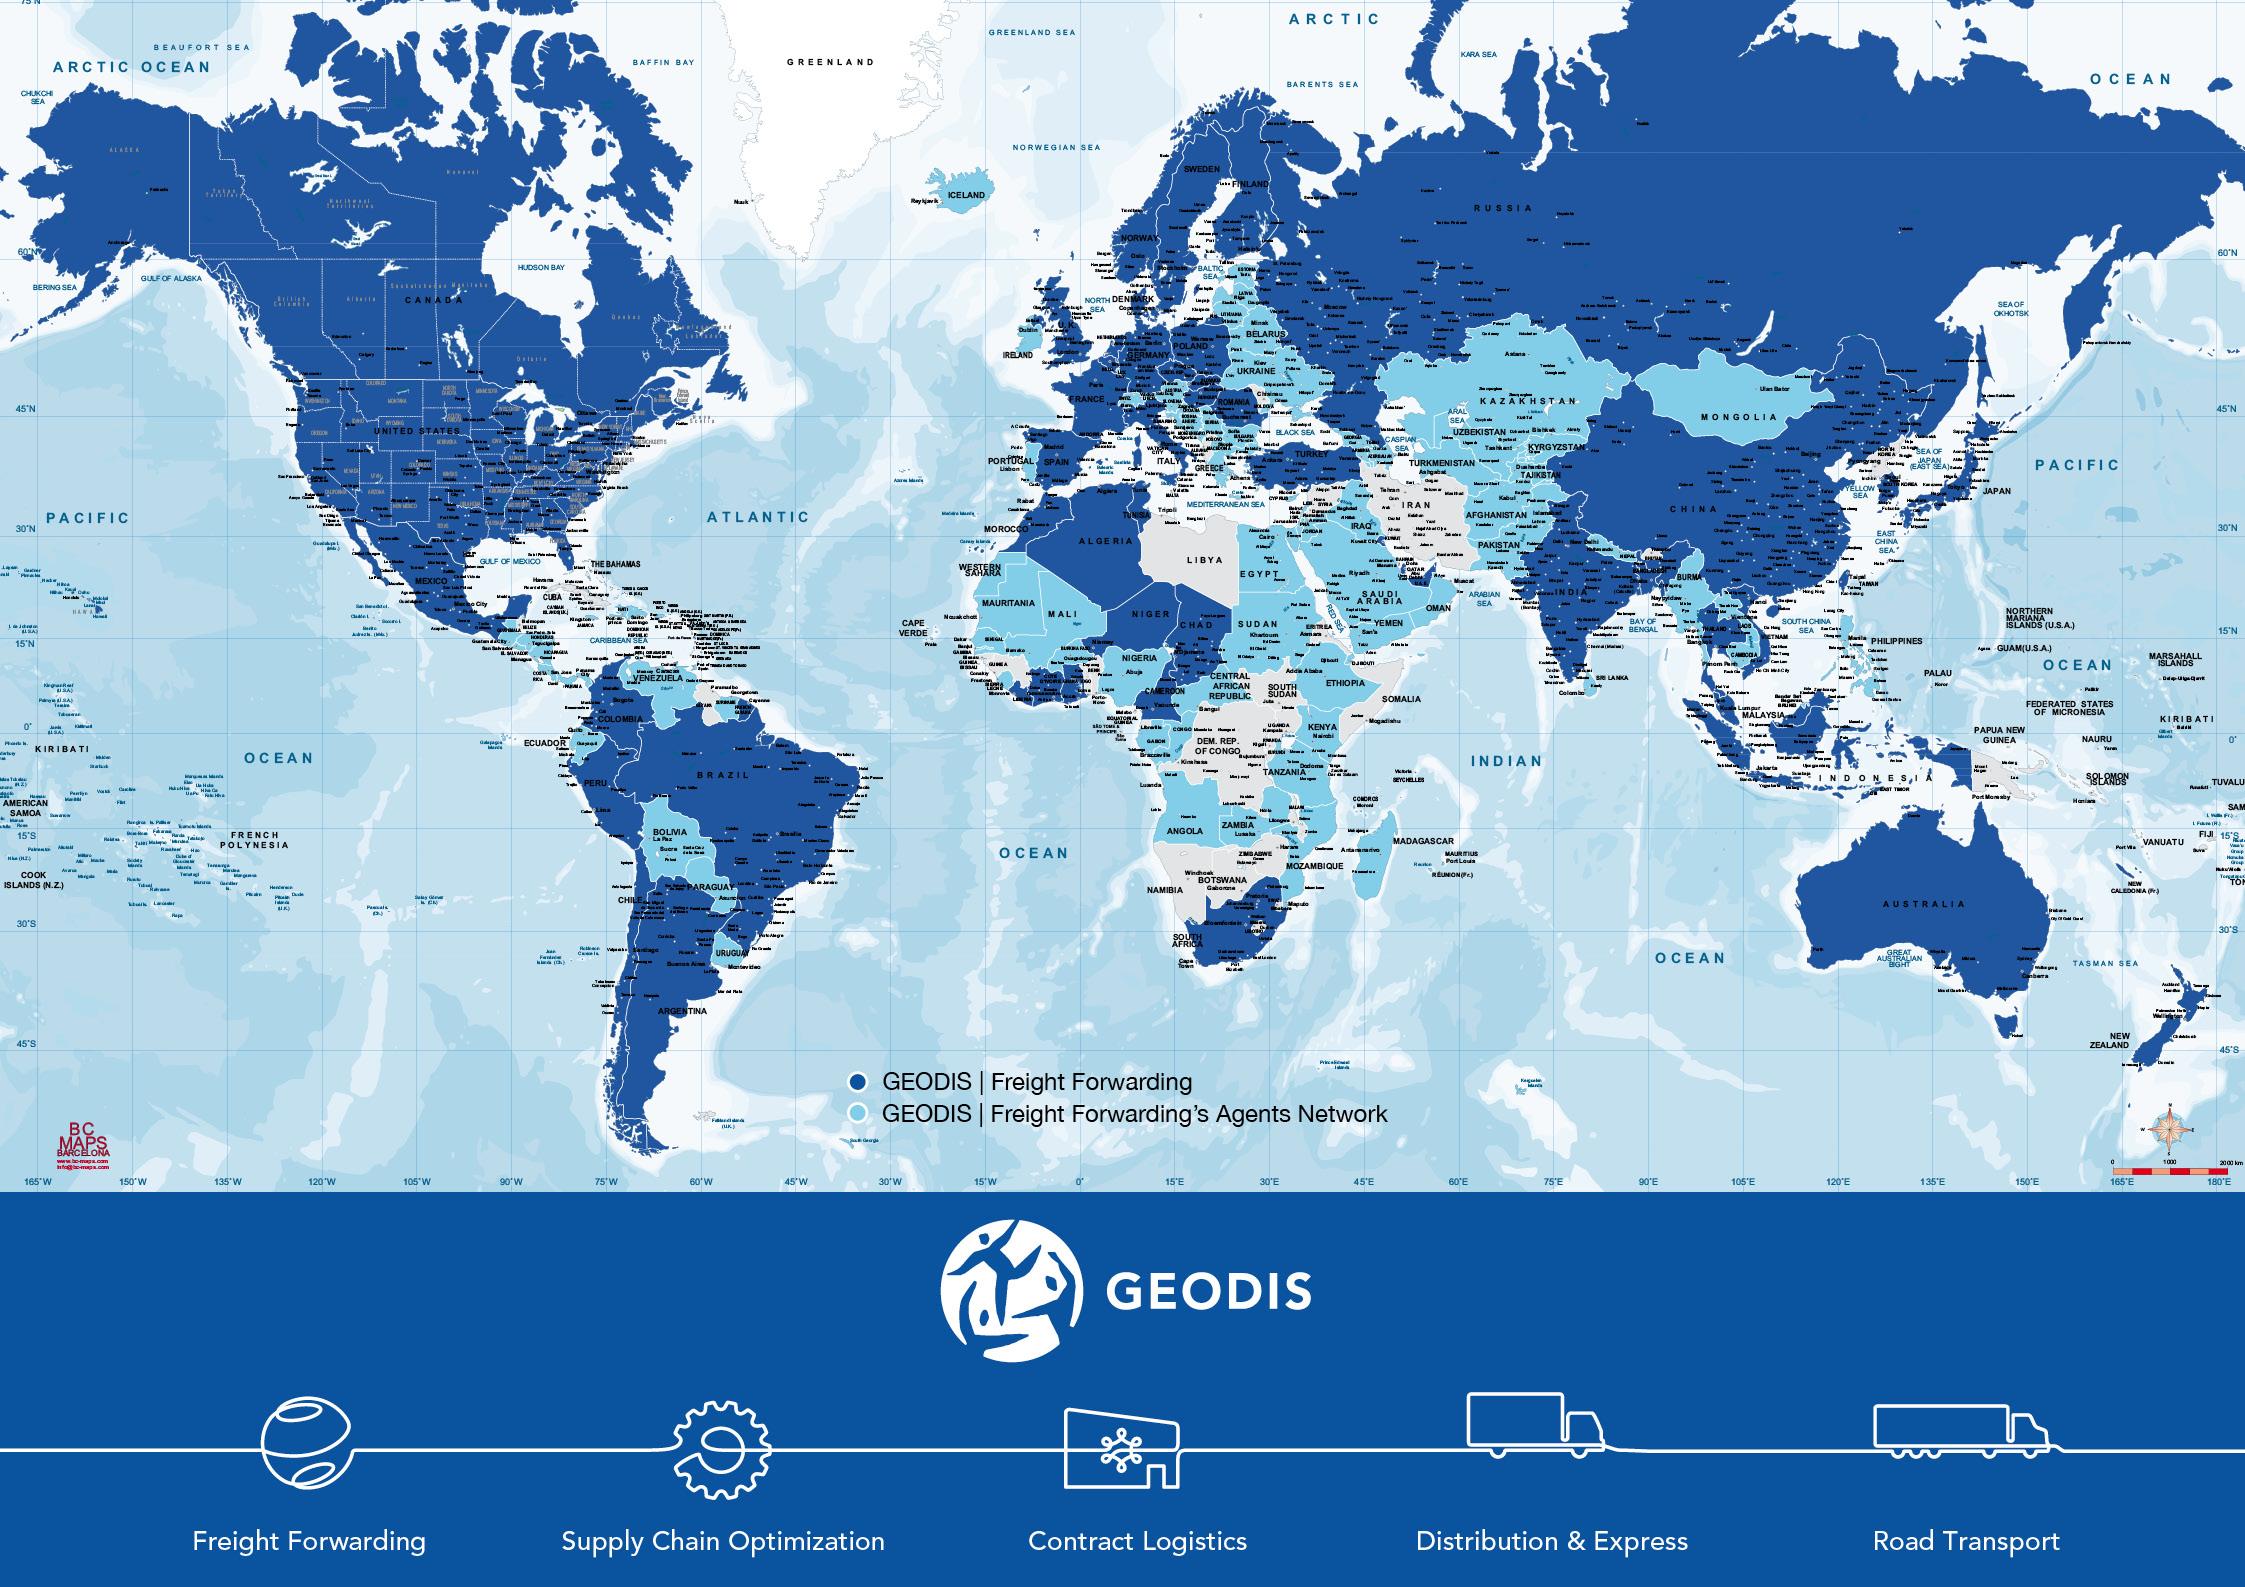 Sous maisn carte du monde politique Geodis